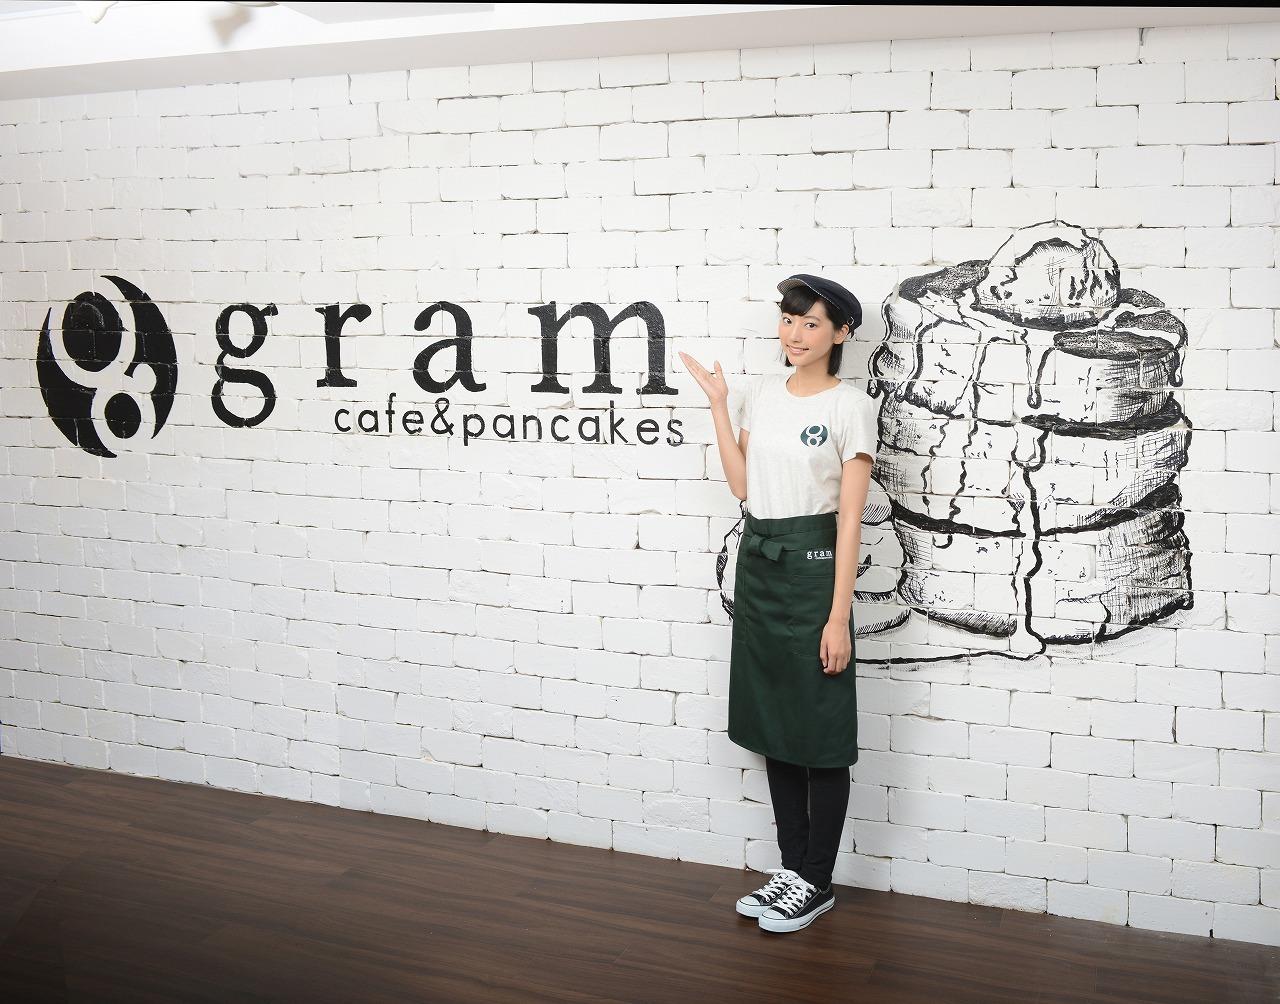 『cafe & pancakes gram』